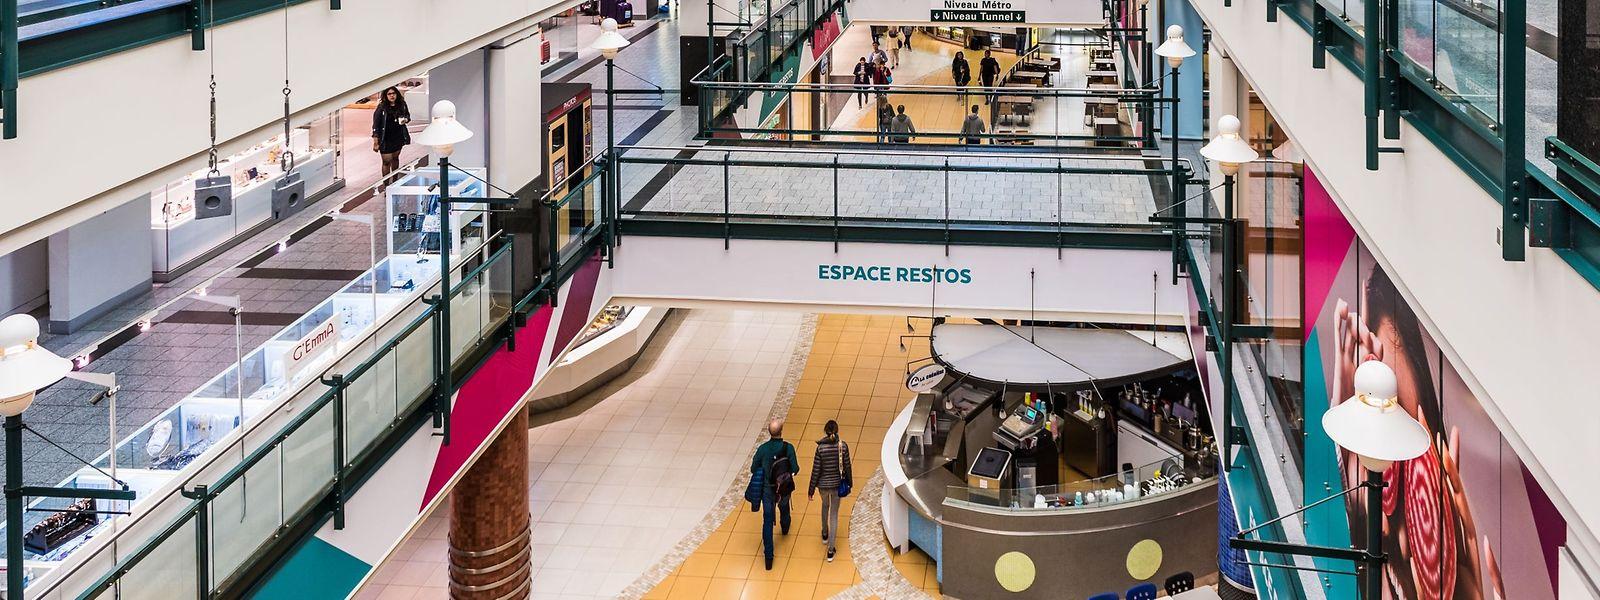 """Die """"Underground City"""" in Montreal erinnert an ein modernes Shoppingcenter. Für die Bewohner der Stadt bedeutet sie vor allem, auch im Winter trocken und warm zur Arbeit zu kommen."""